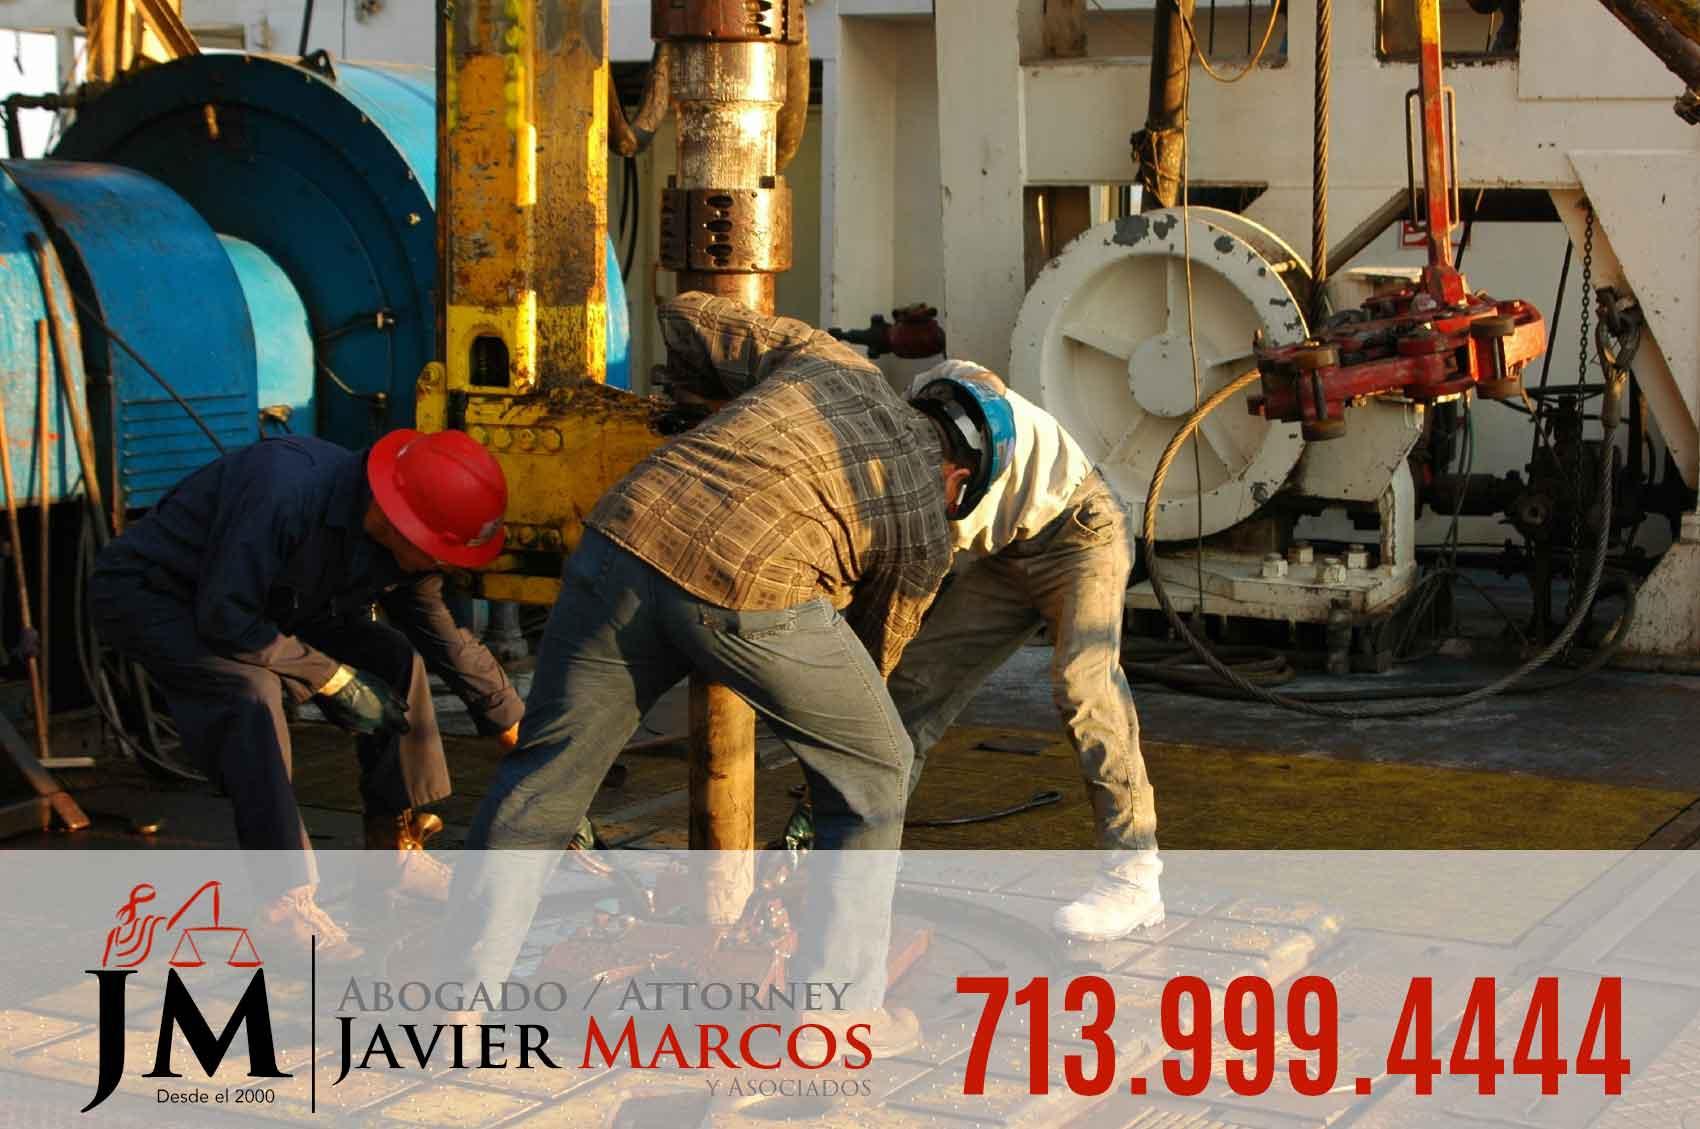 Abogado Accidente en el mar   Abogado Javier Marcos   713.999.4444